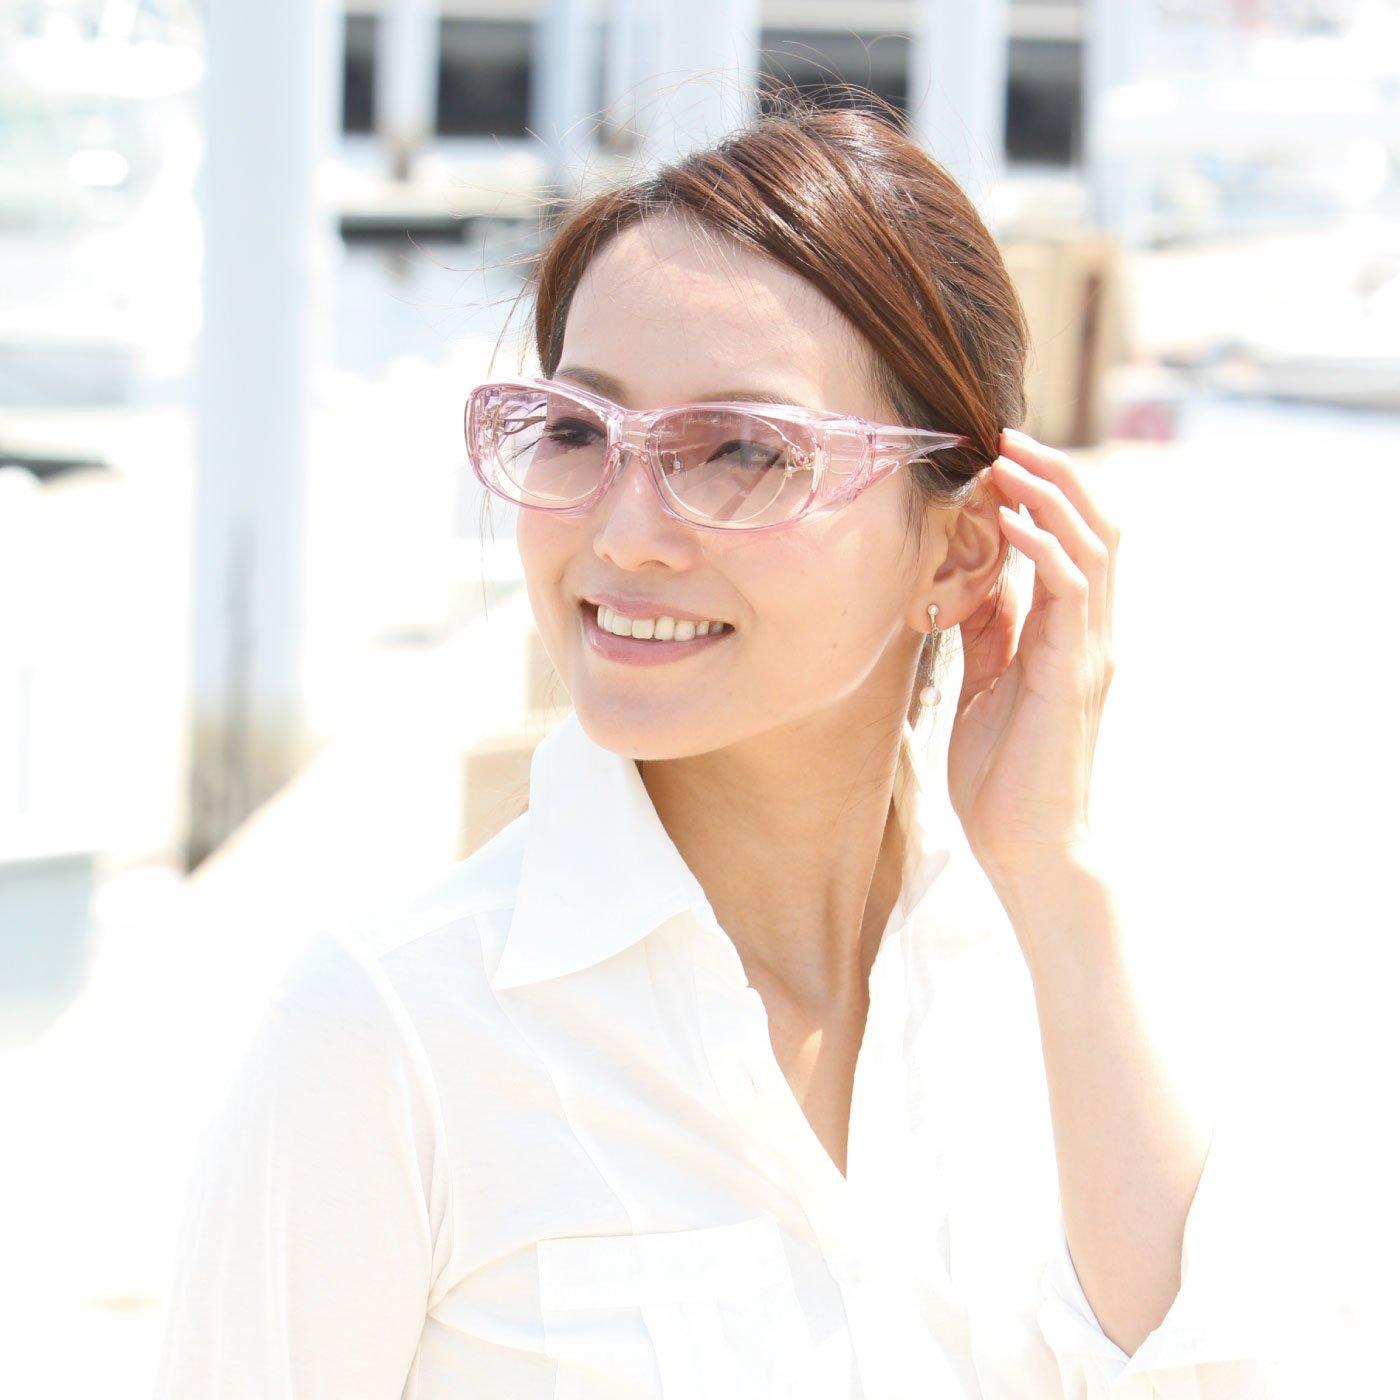 目元をやさしくガード 曇りにくい薄色レンズのオーバーグラス